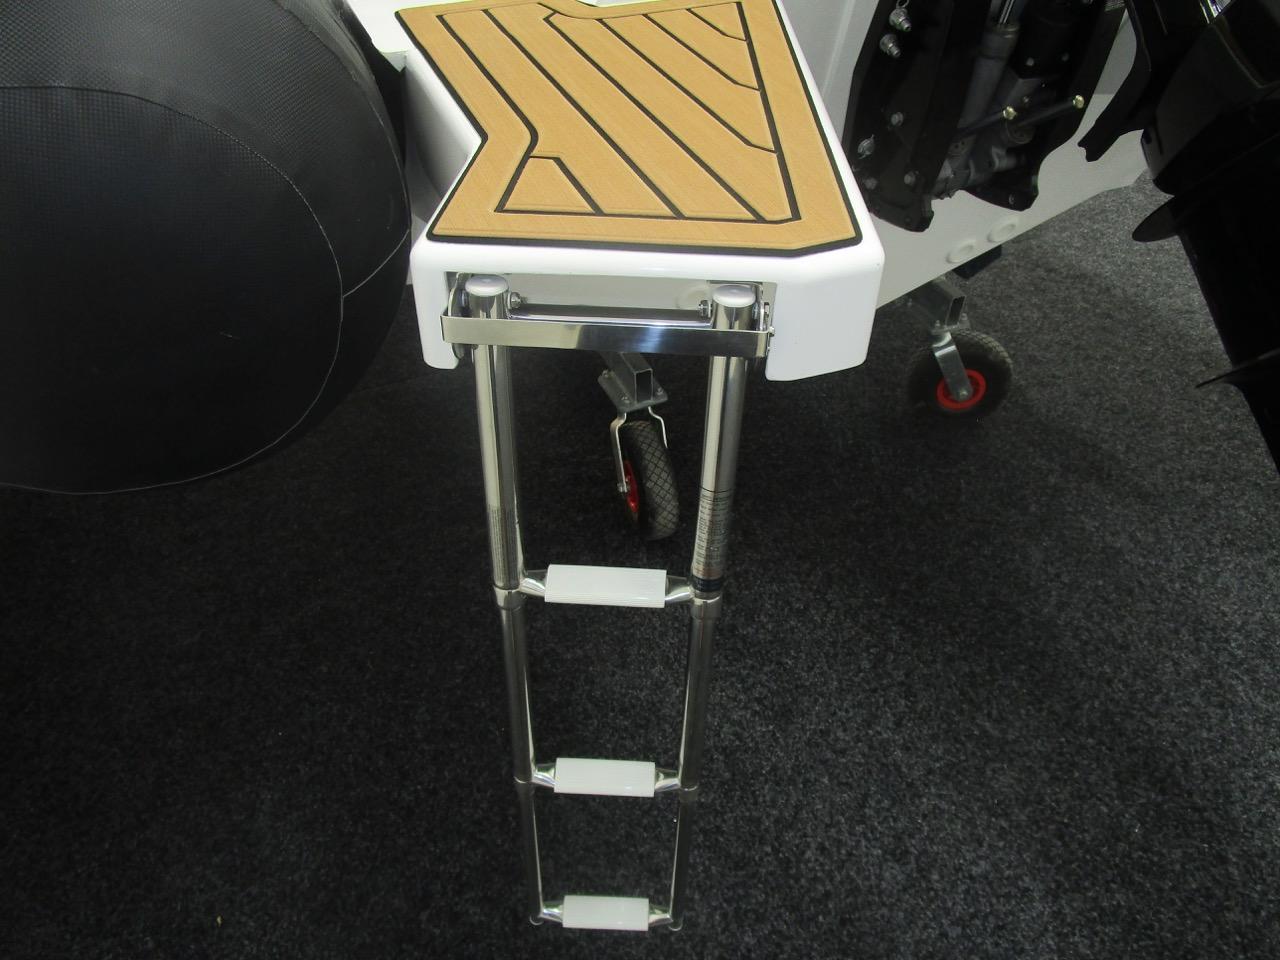 GRAND G850 RIB bathing ladder extended